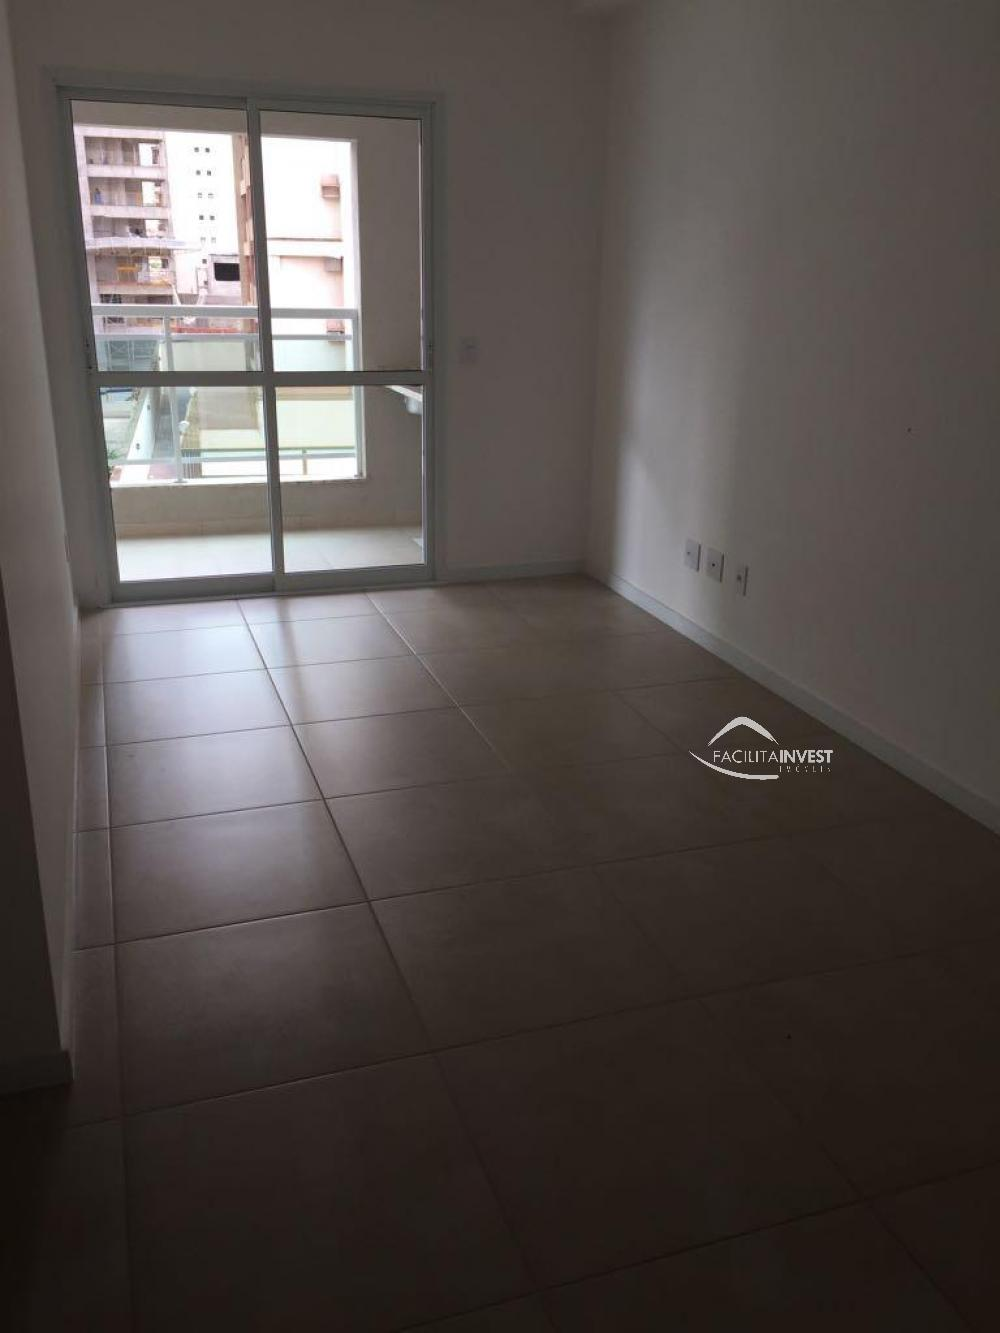 Alugar Apartamentos / Apart. Padrão em Ribeirão Preto R$ 1.900,00 - Foto 2